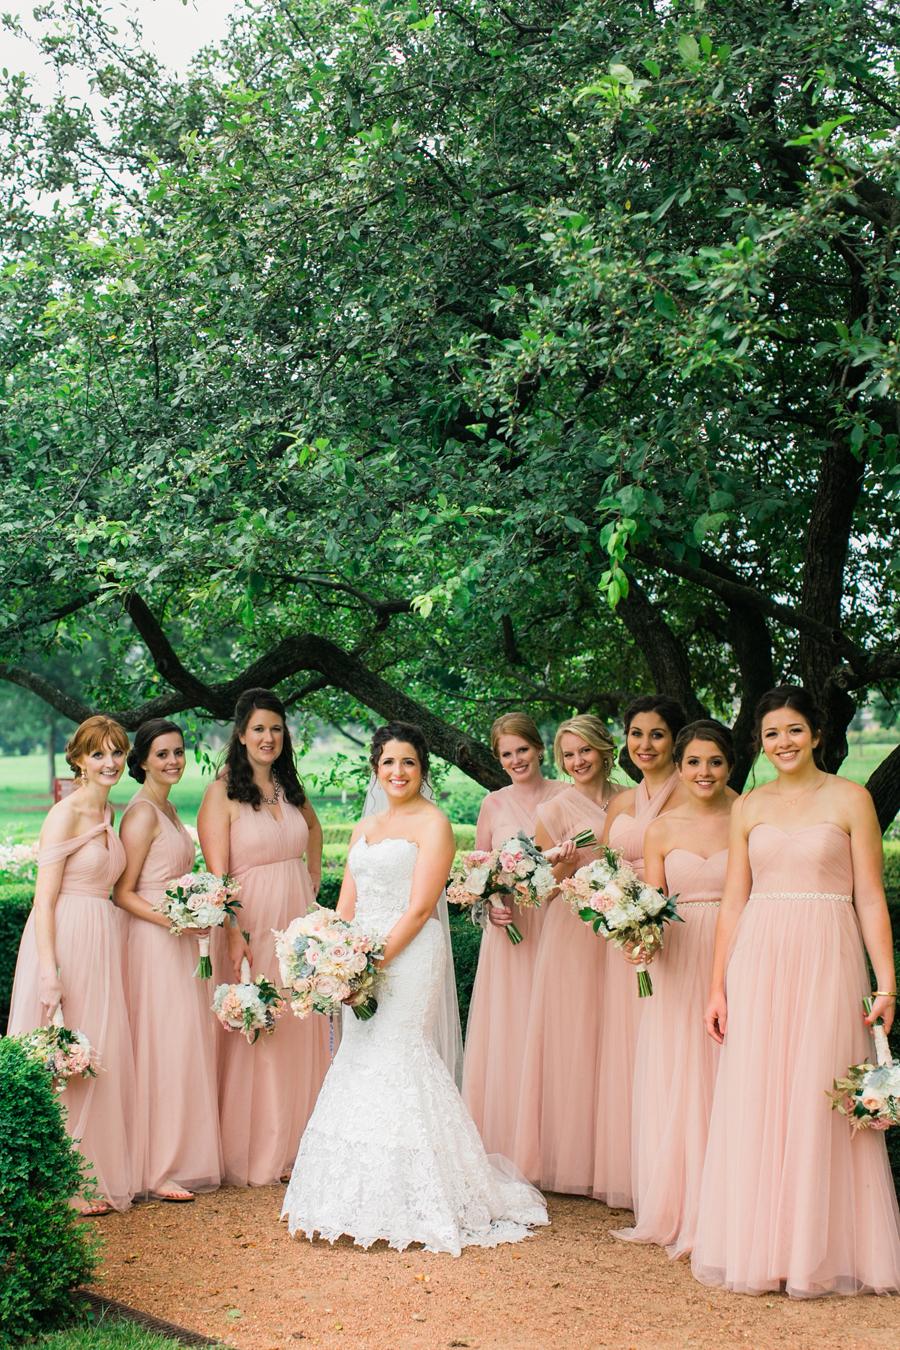 morton-arboretum-wedding-023